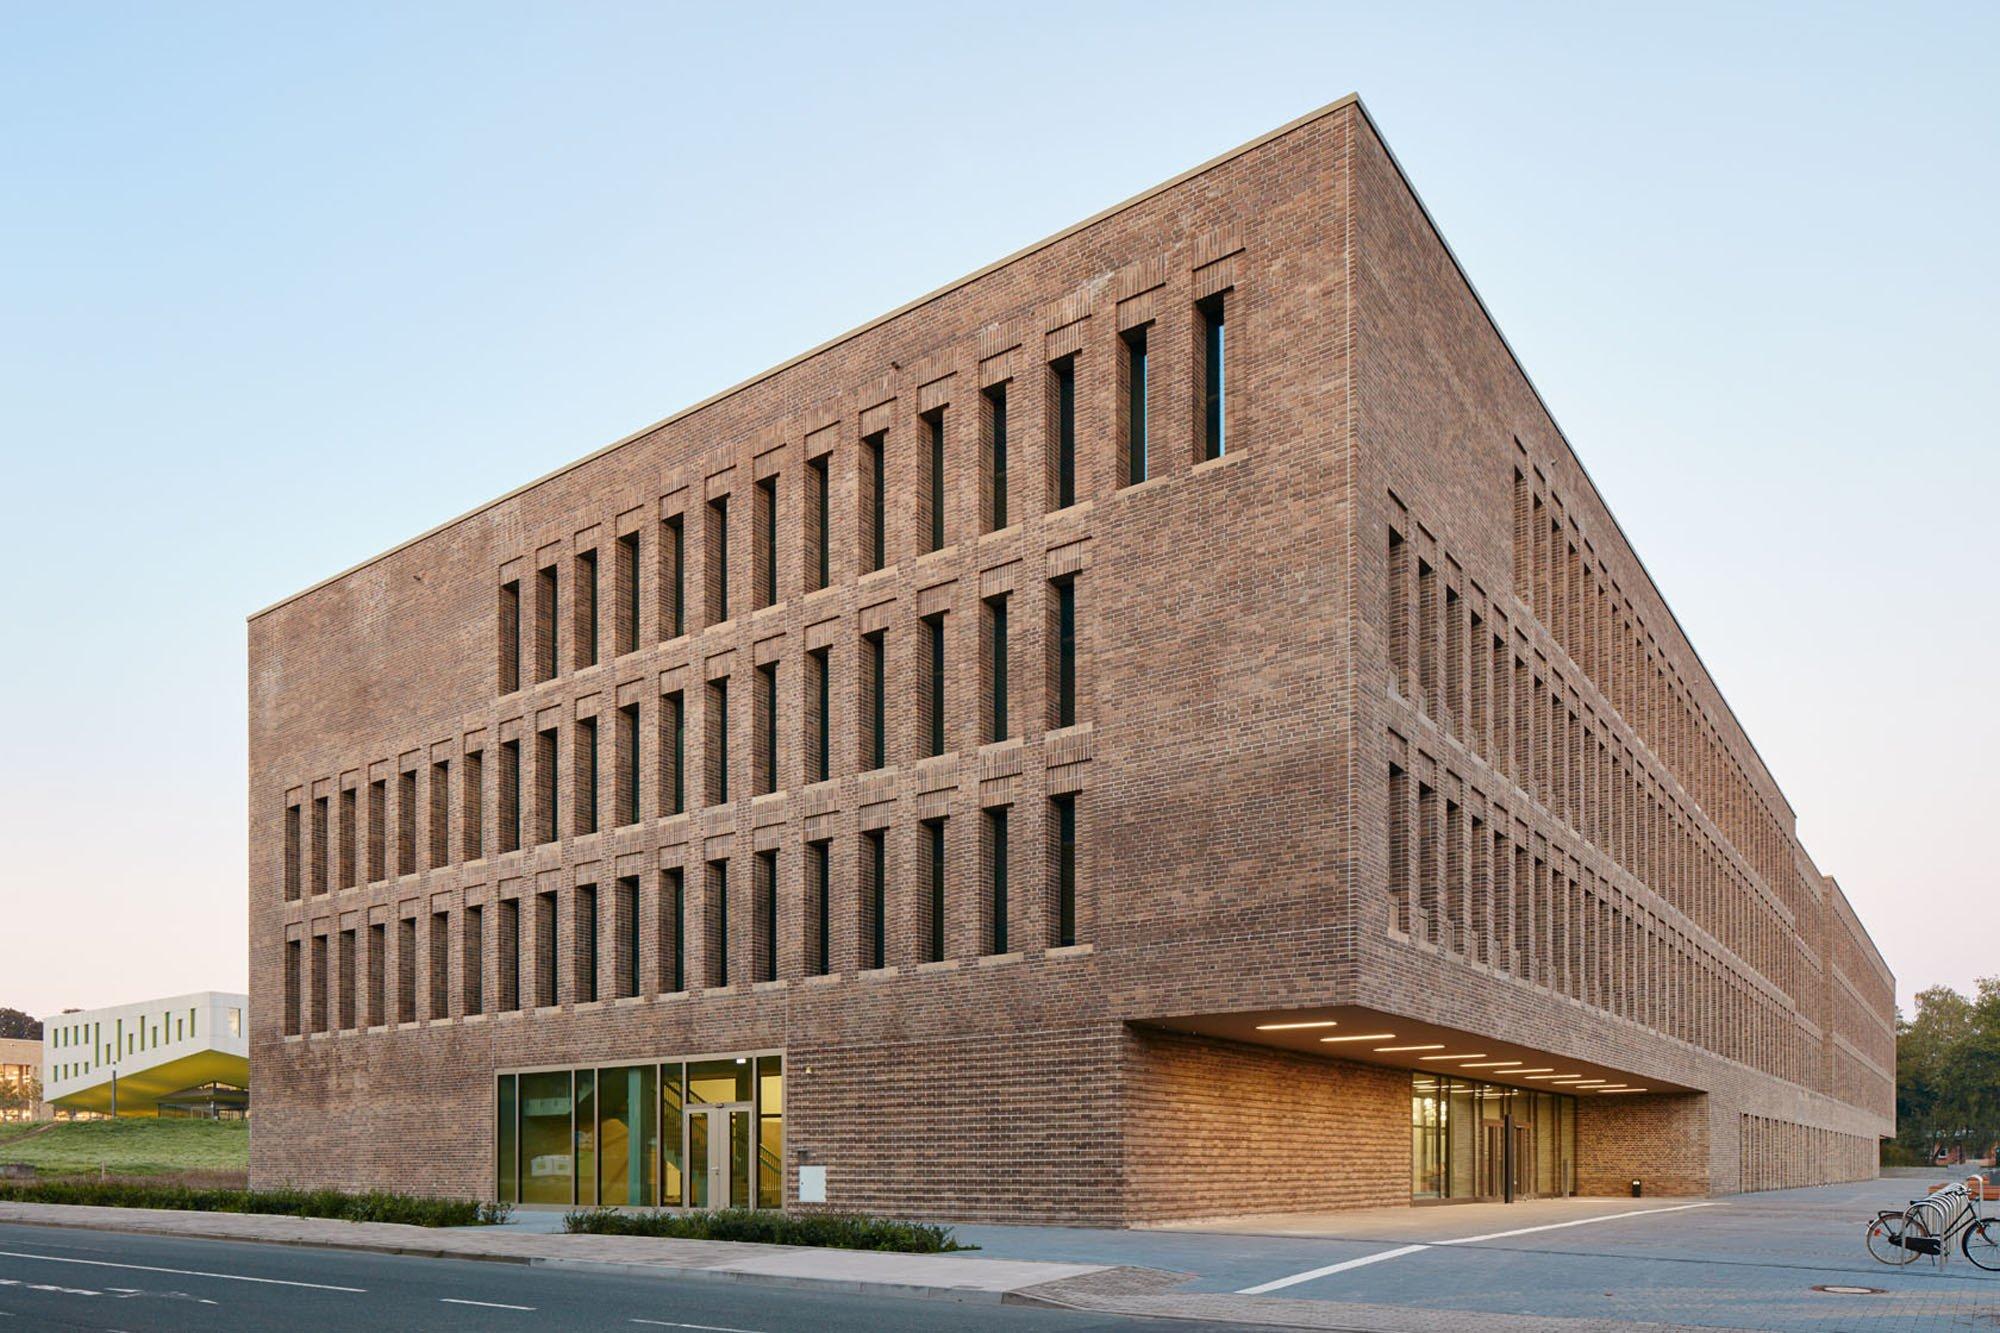 Bibliothek campus westerberg in osnabr ck mauerwerk for Uni architektur